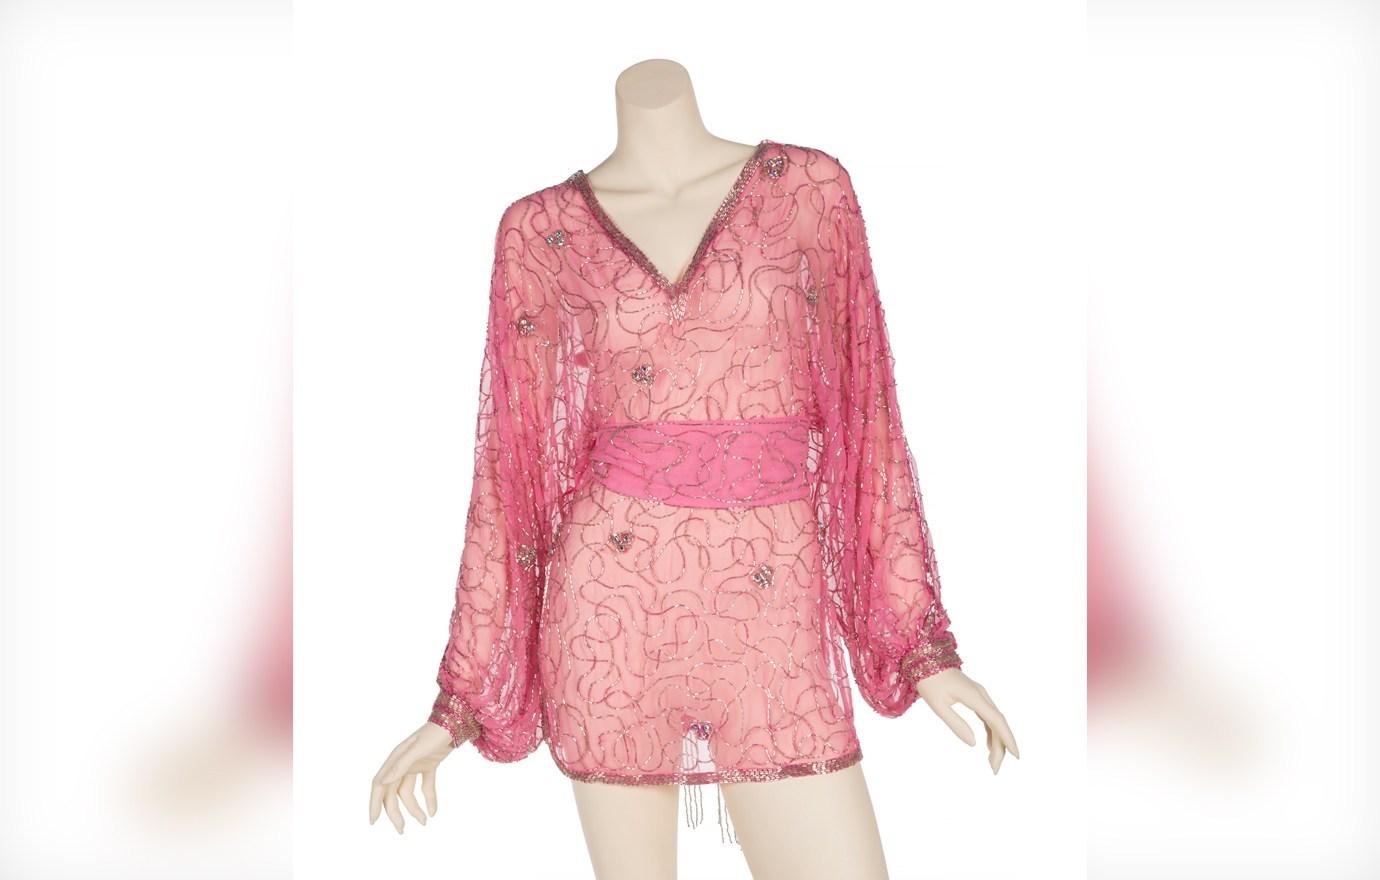 Pink chiffon bodice